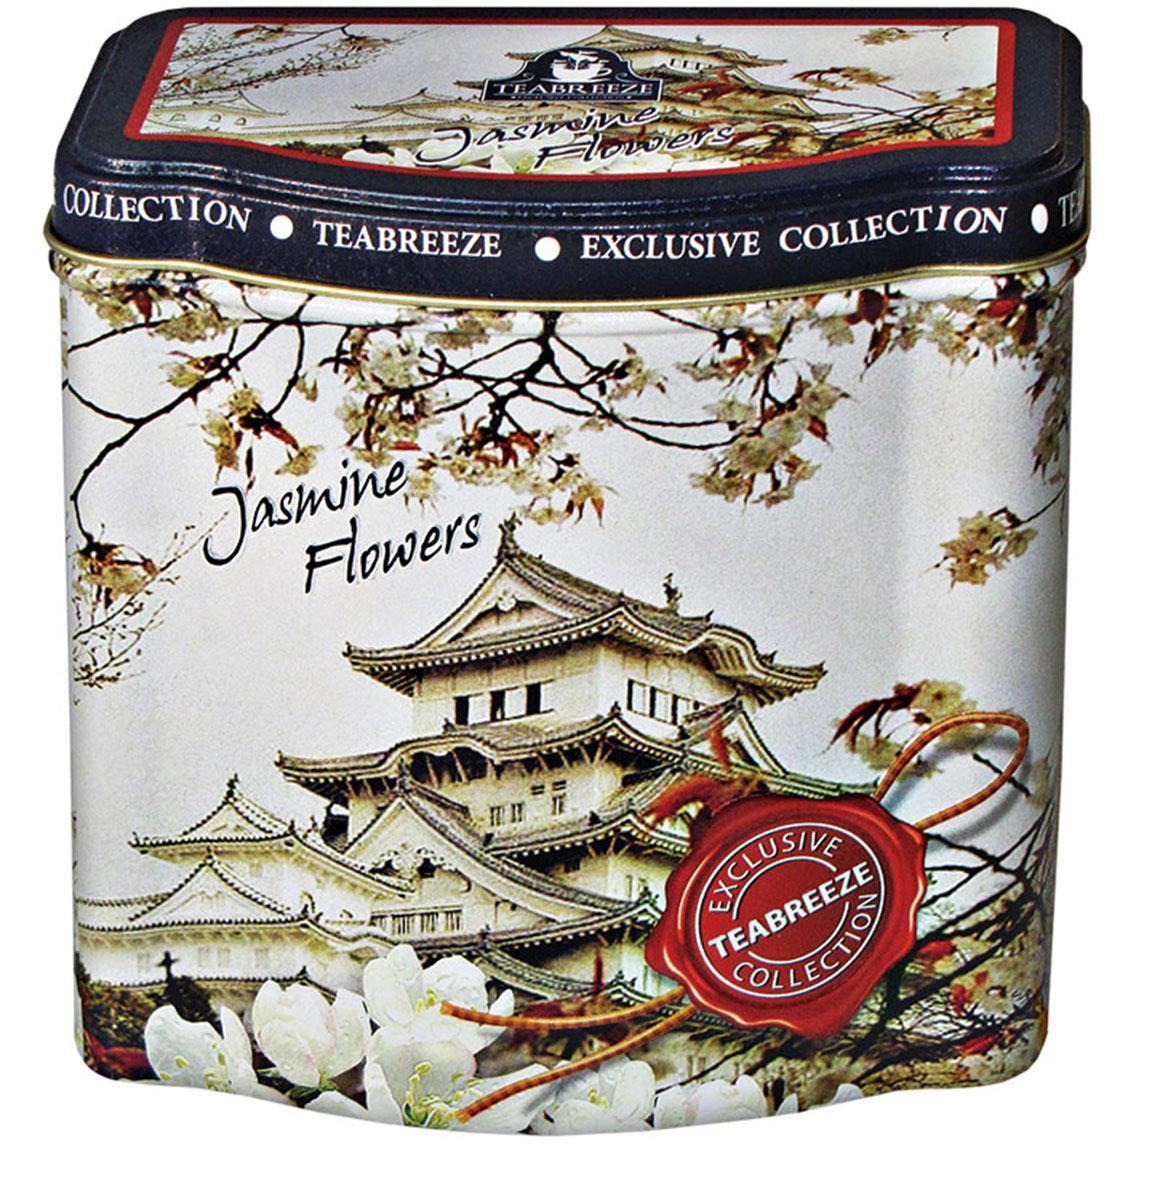 Teabreeze Jasmine Flowers чай зеленый, 100 г (ж/б)4620009890707Чай в подарочной жестяной банке Teabreeze Jasmine Flowers (Чай Жасминовый).Зеленый чай с нераспустившимися бутонами жасмина — это изысканный напиток Востока, который будет понятен даже самому неискушенному жителю Запада. Его сладковатый вкус и тонкий аромат не оставят равнодушными никого. Жасминовый чай прекрасно подойдет для первого знакомства с зеленым чаем, привнеся радость от этой встречи каждому человеку. Для Жасминового чая отбирается только лучший зеленый байховый чай весеннего сбора, к которому добавляются нераспустившиеся бутоны жасмина, собранные ранним утром. Получившуюся смесь высушивают вместе. После такой просушки получается напиток, источающий легкий цветочный аромат, создающий уникальный вкус, который запомнится надолго.Всё о чае: сорта, факты, советы по выбору и употреблению. Статья OZON Гид